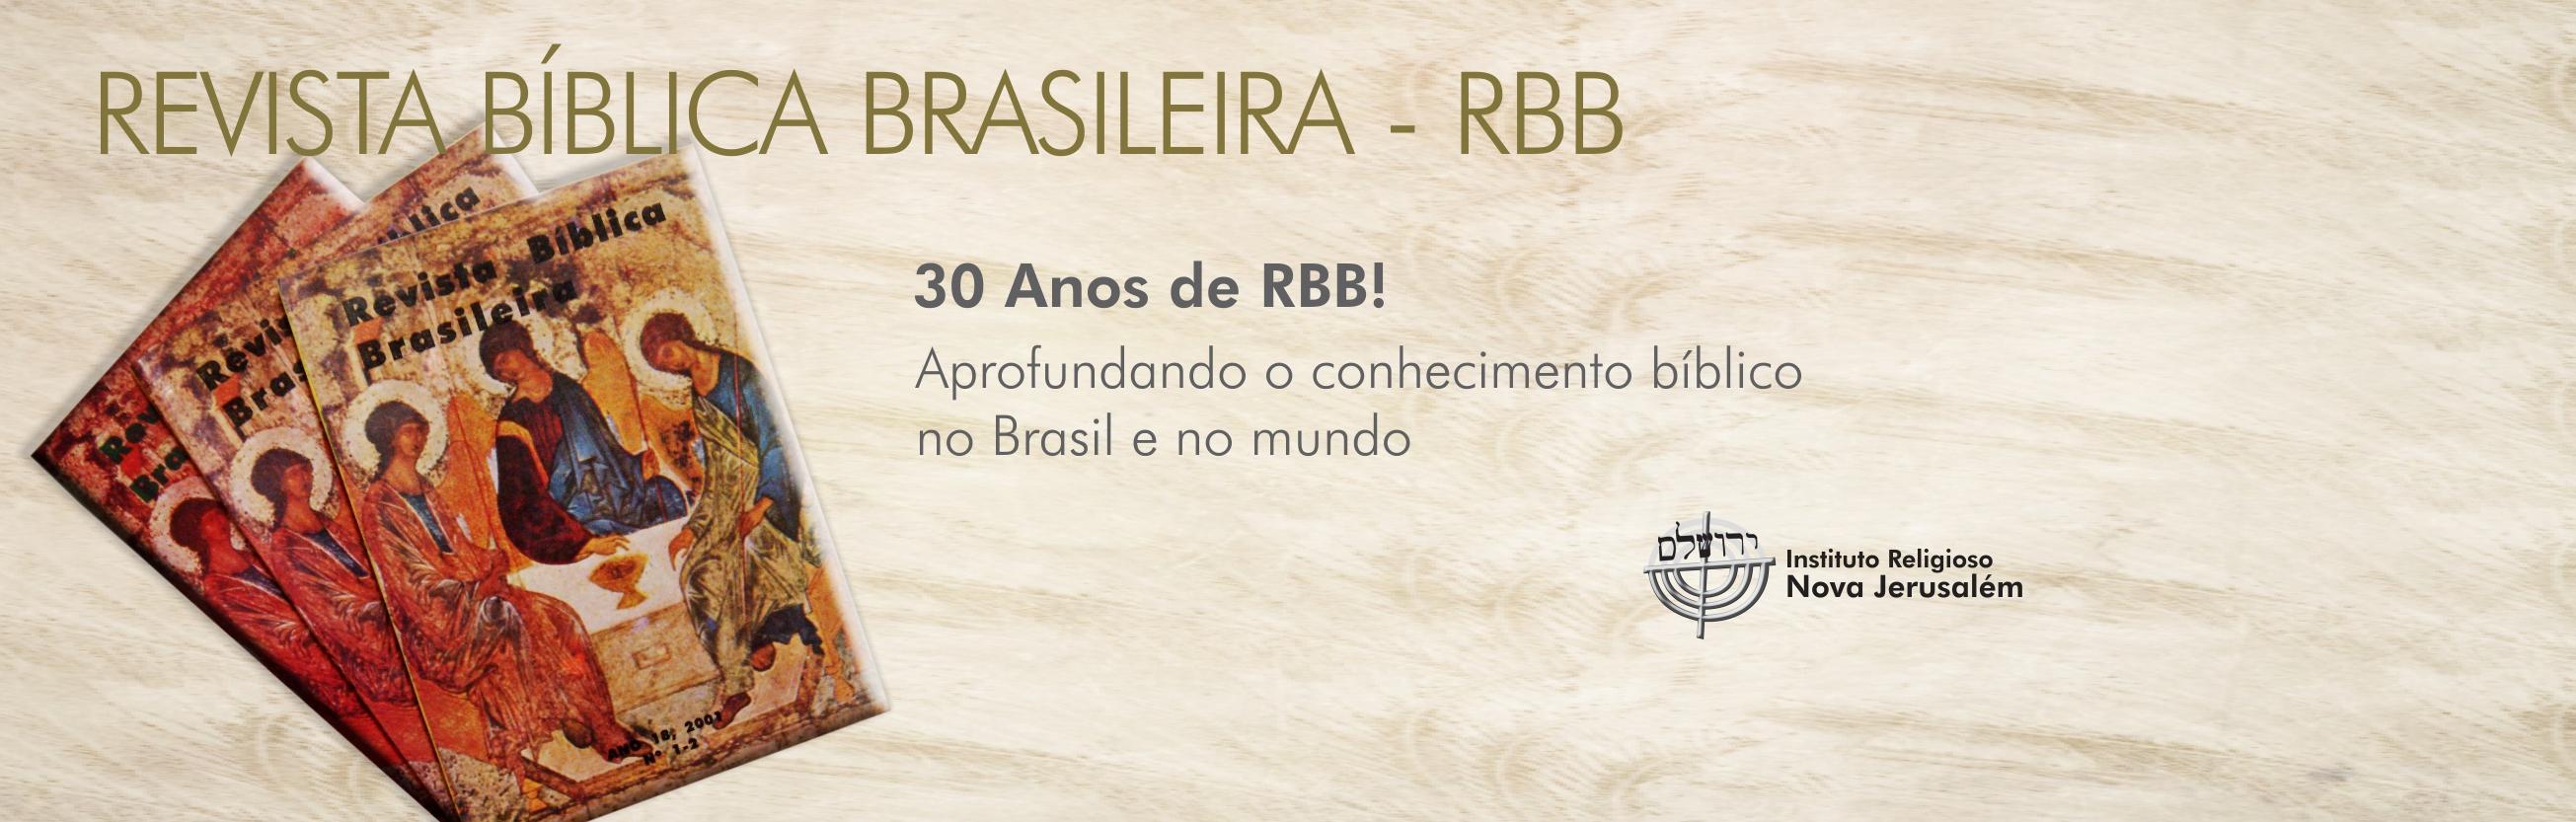 Revista Bíblica Brasileira - RBB